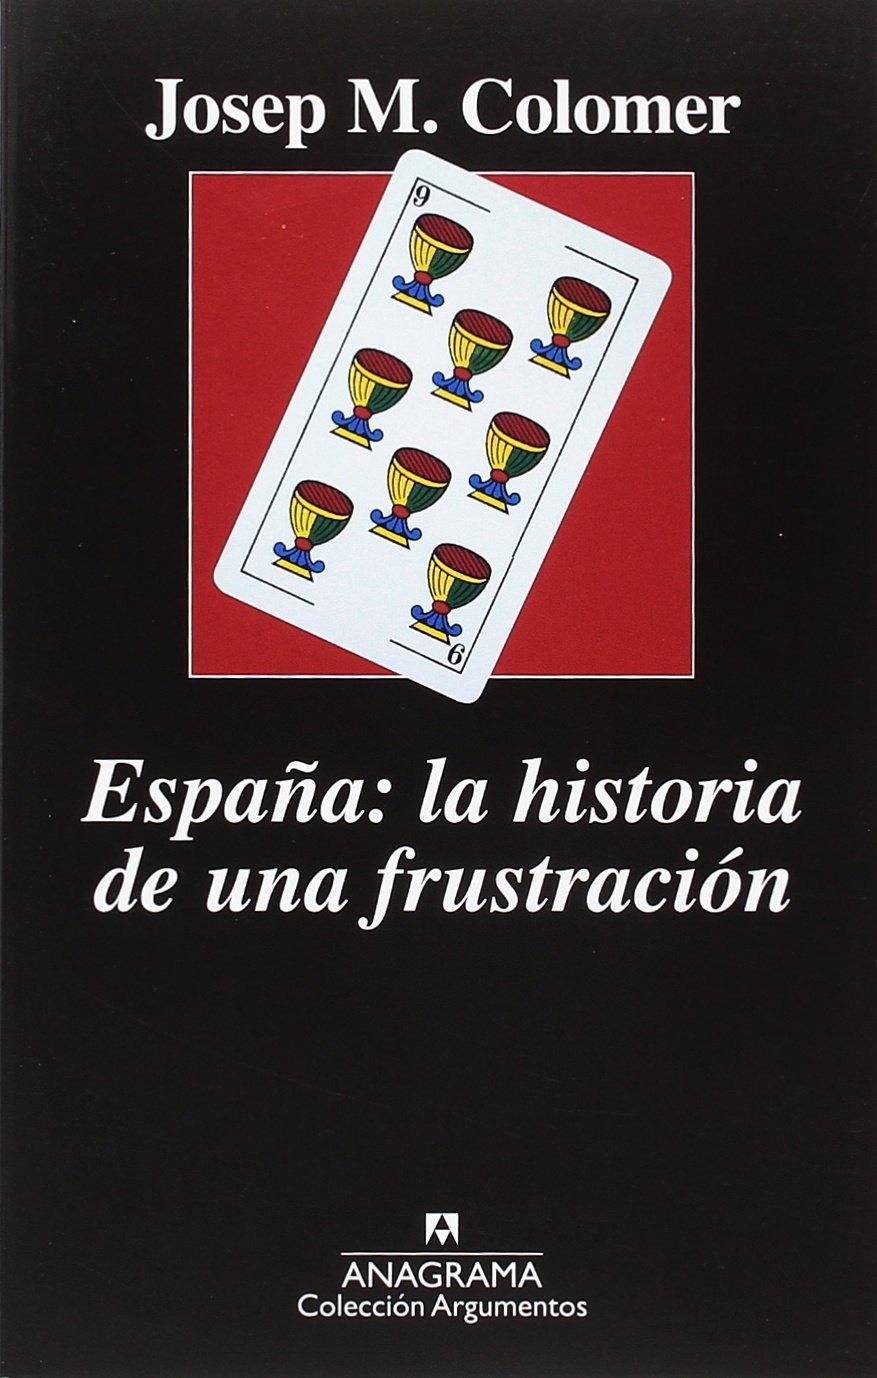 España. La historia de una frustración (ARGUMENTOS): Amazon.es: Josep Maria Colomer: Libros